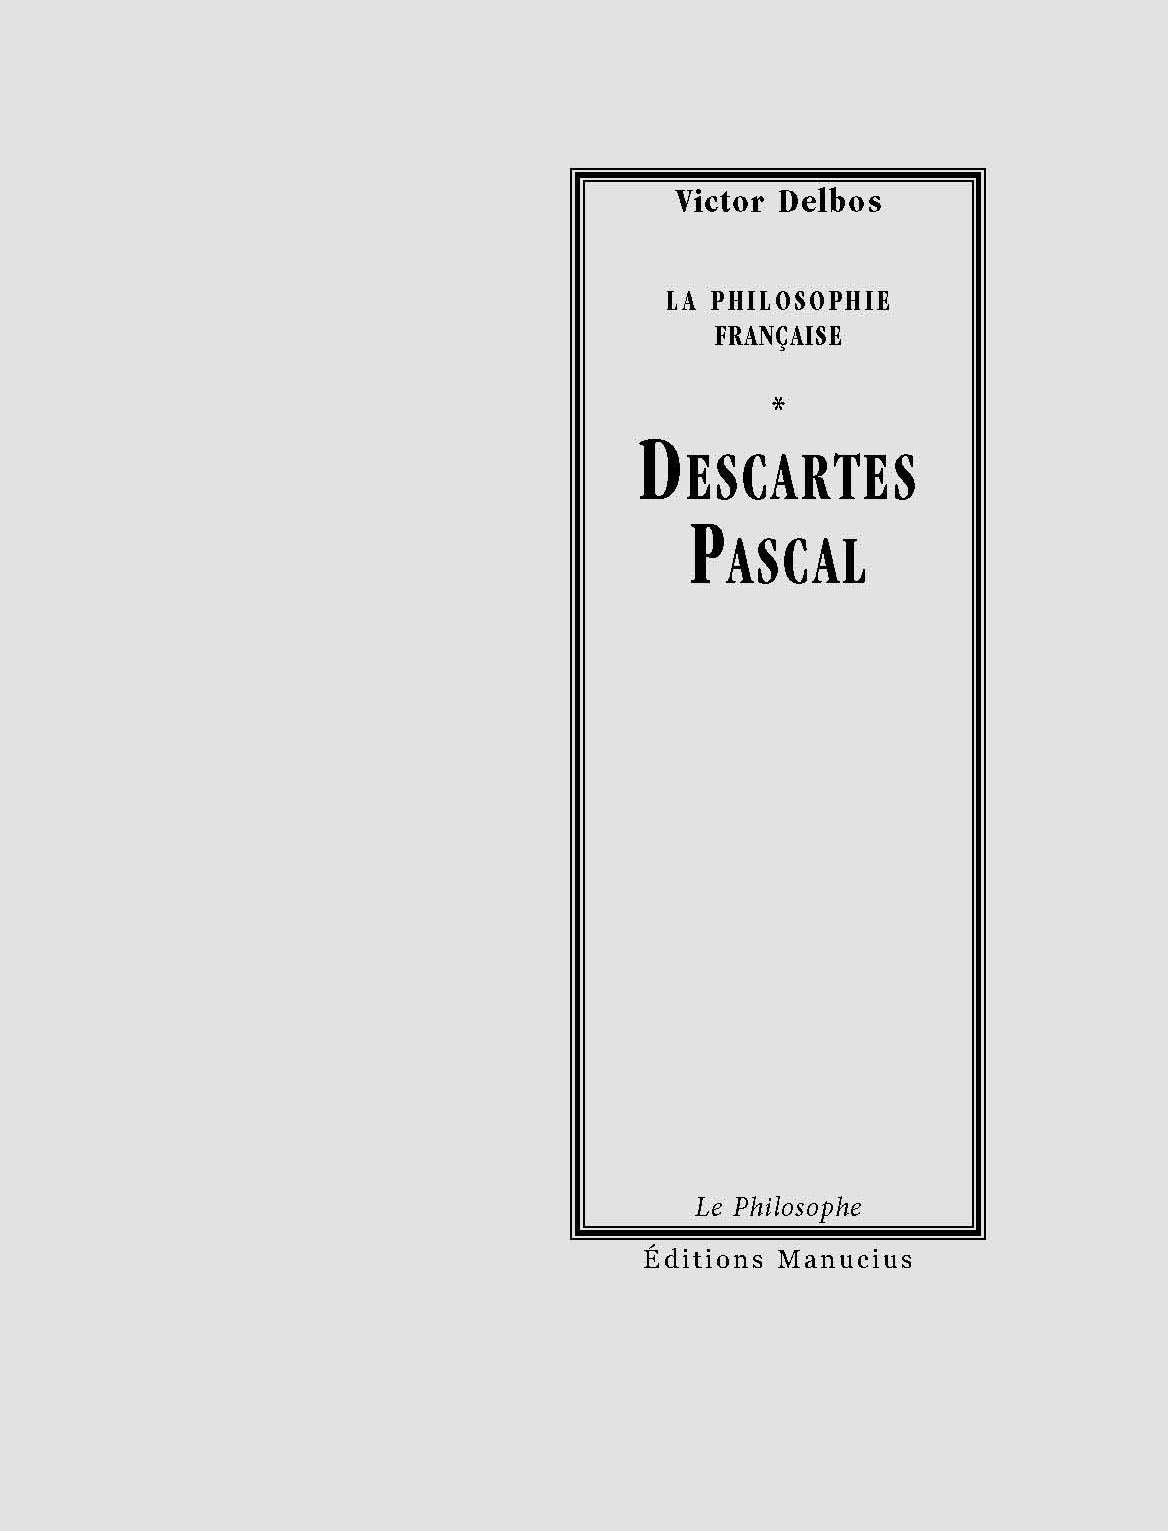 Descartes - Pascal